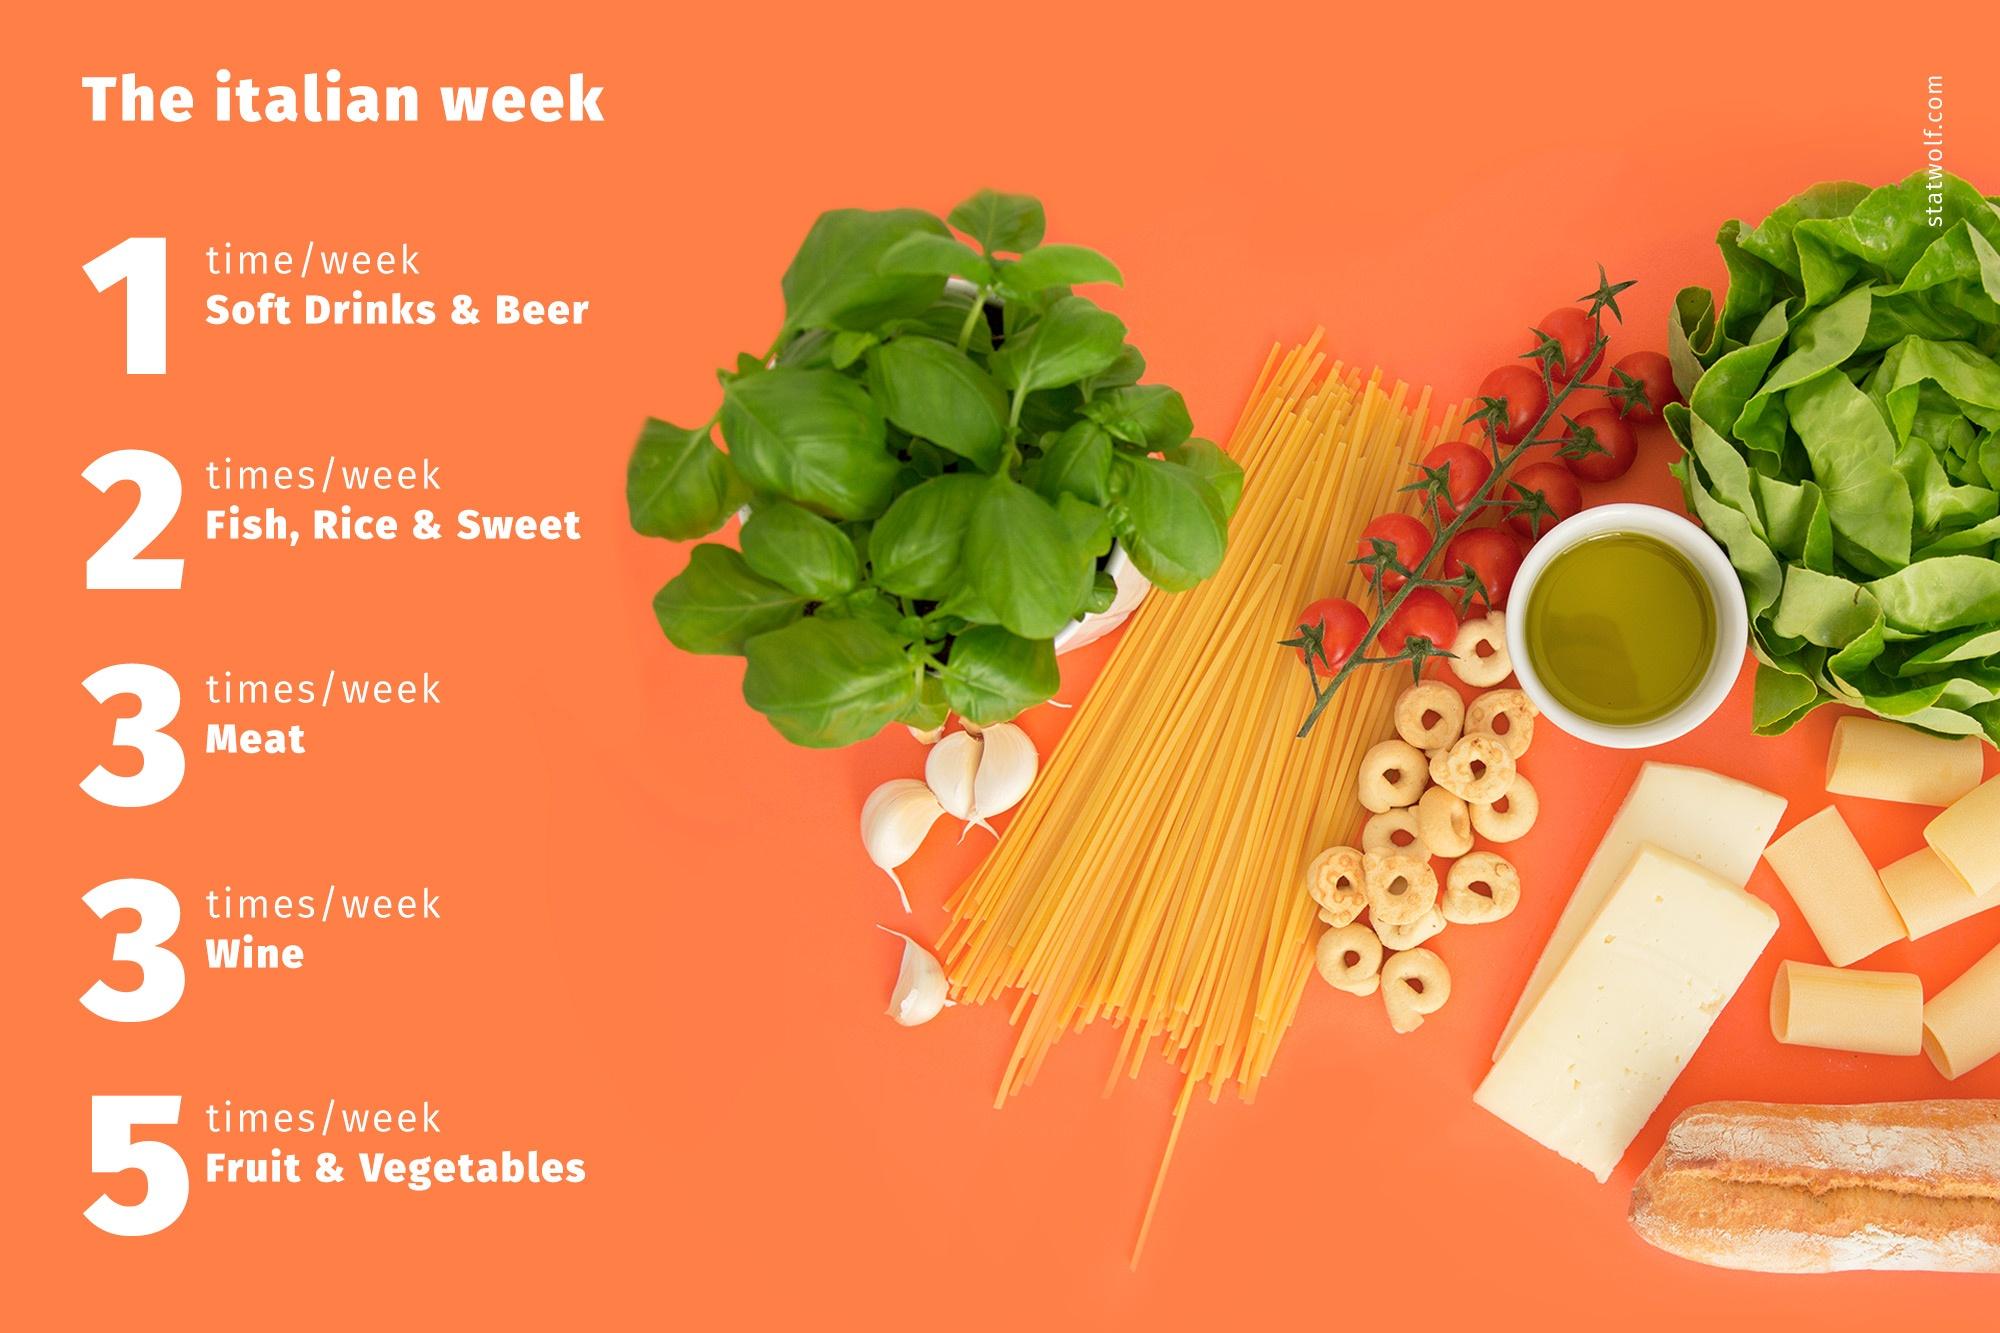 The Italians week